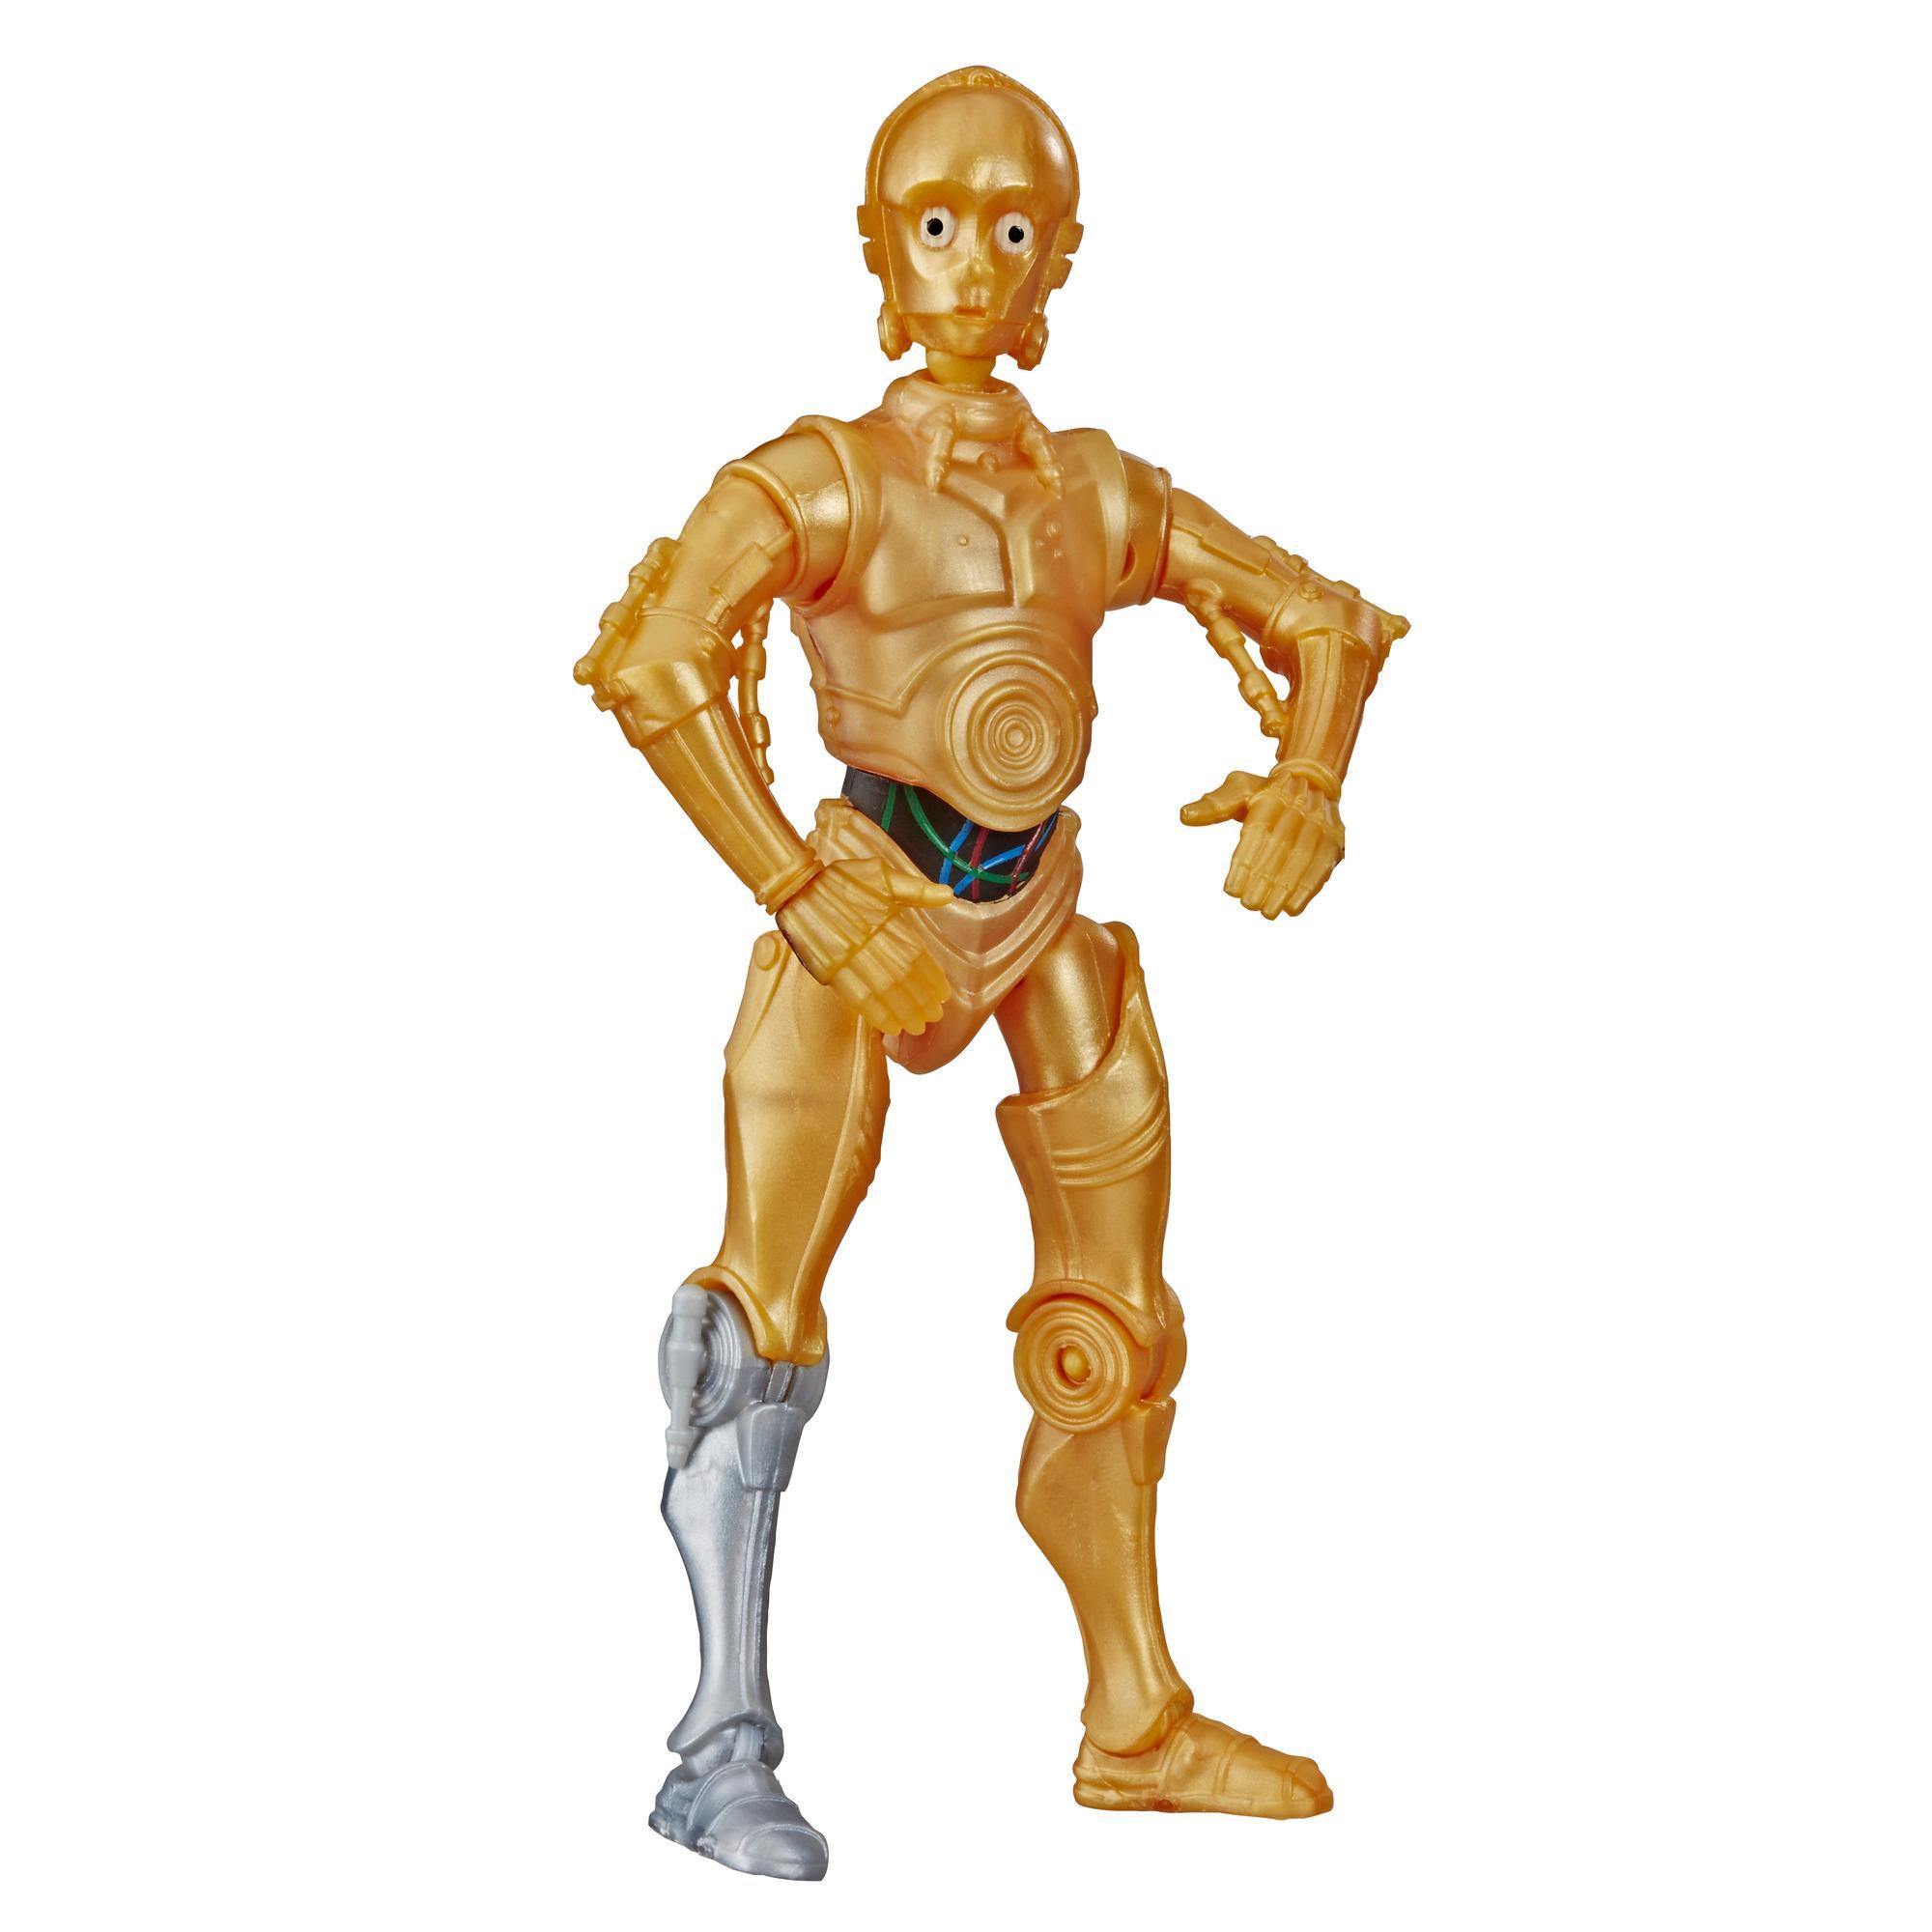 Star Wars Galaxy of Adventures - Juguete de C-3PO - Figura de acción a escala de 12,5 cm con divertida acción de demolición droide, Edad recomendada: 4 años en adelante